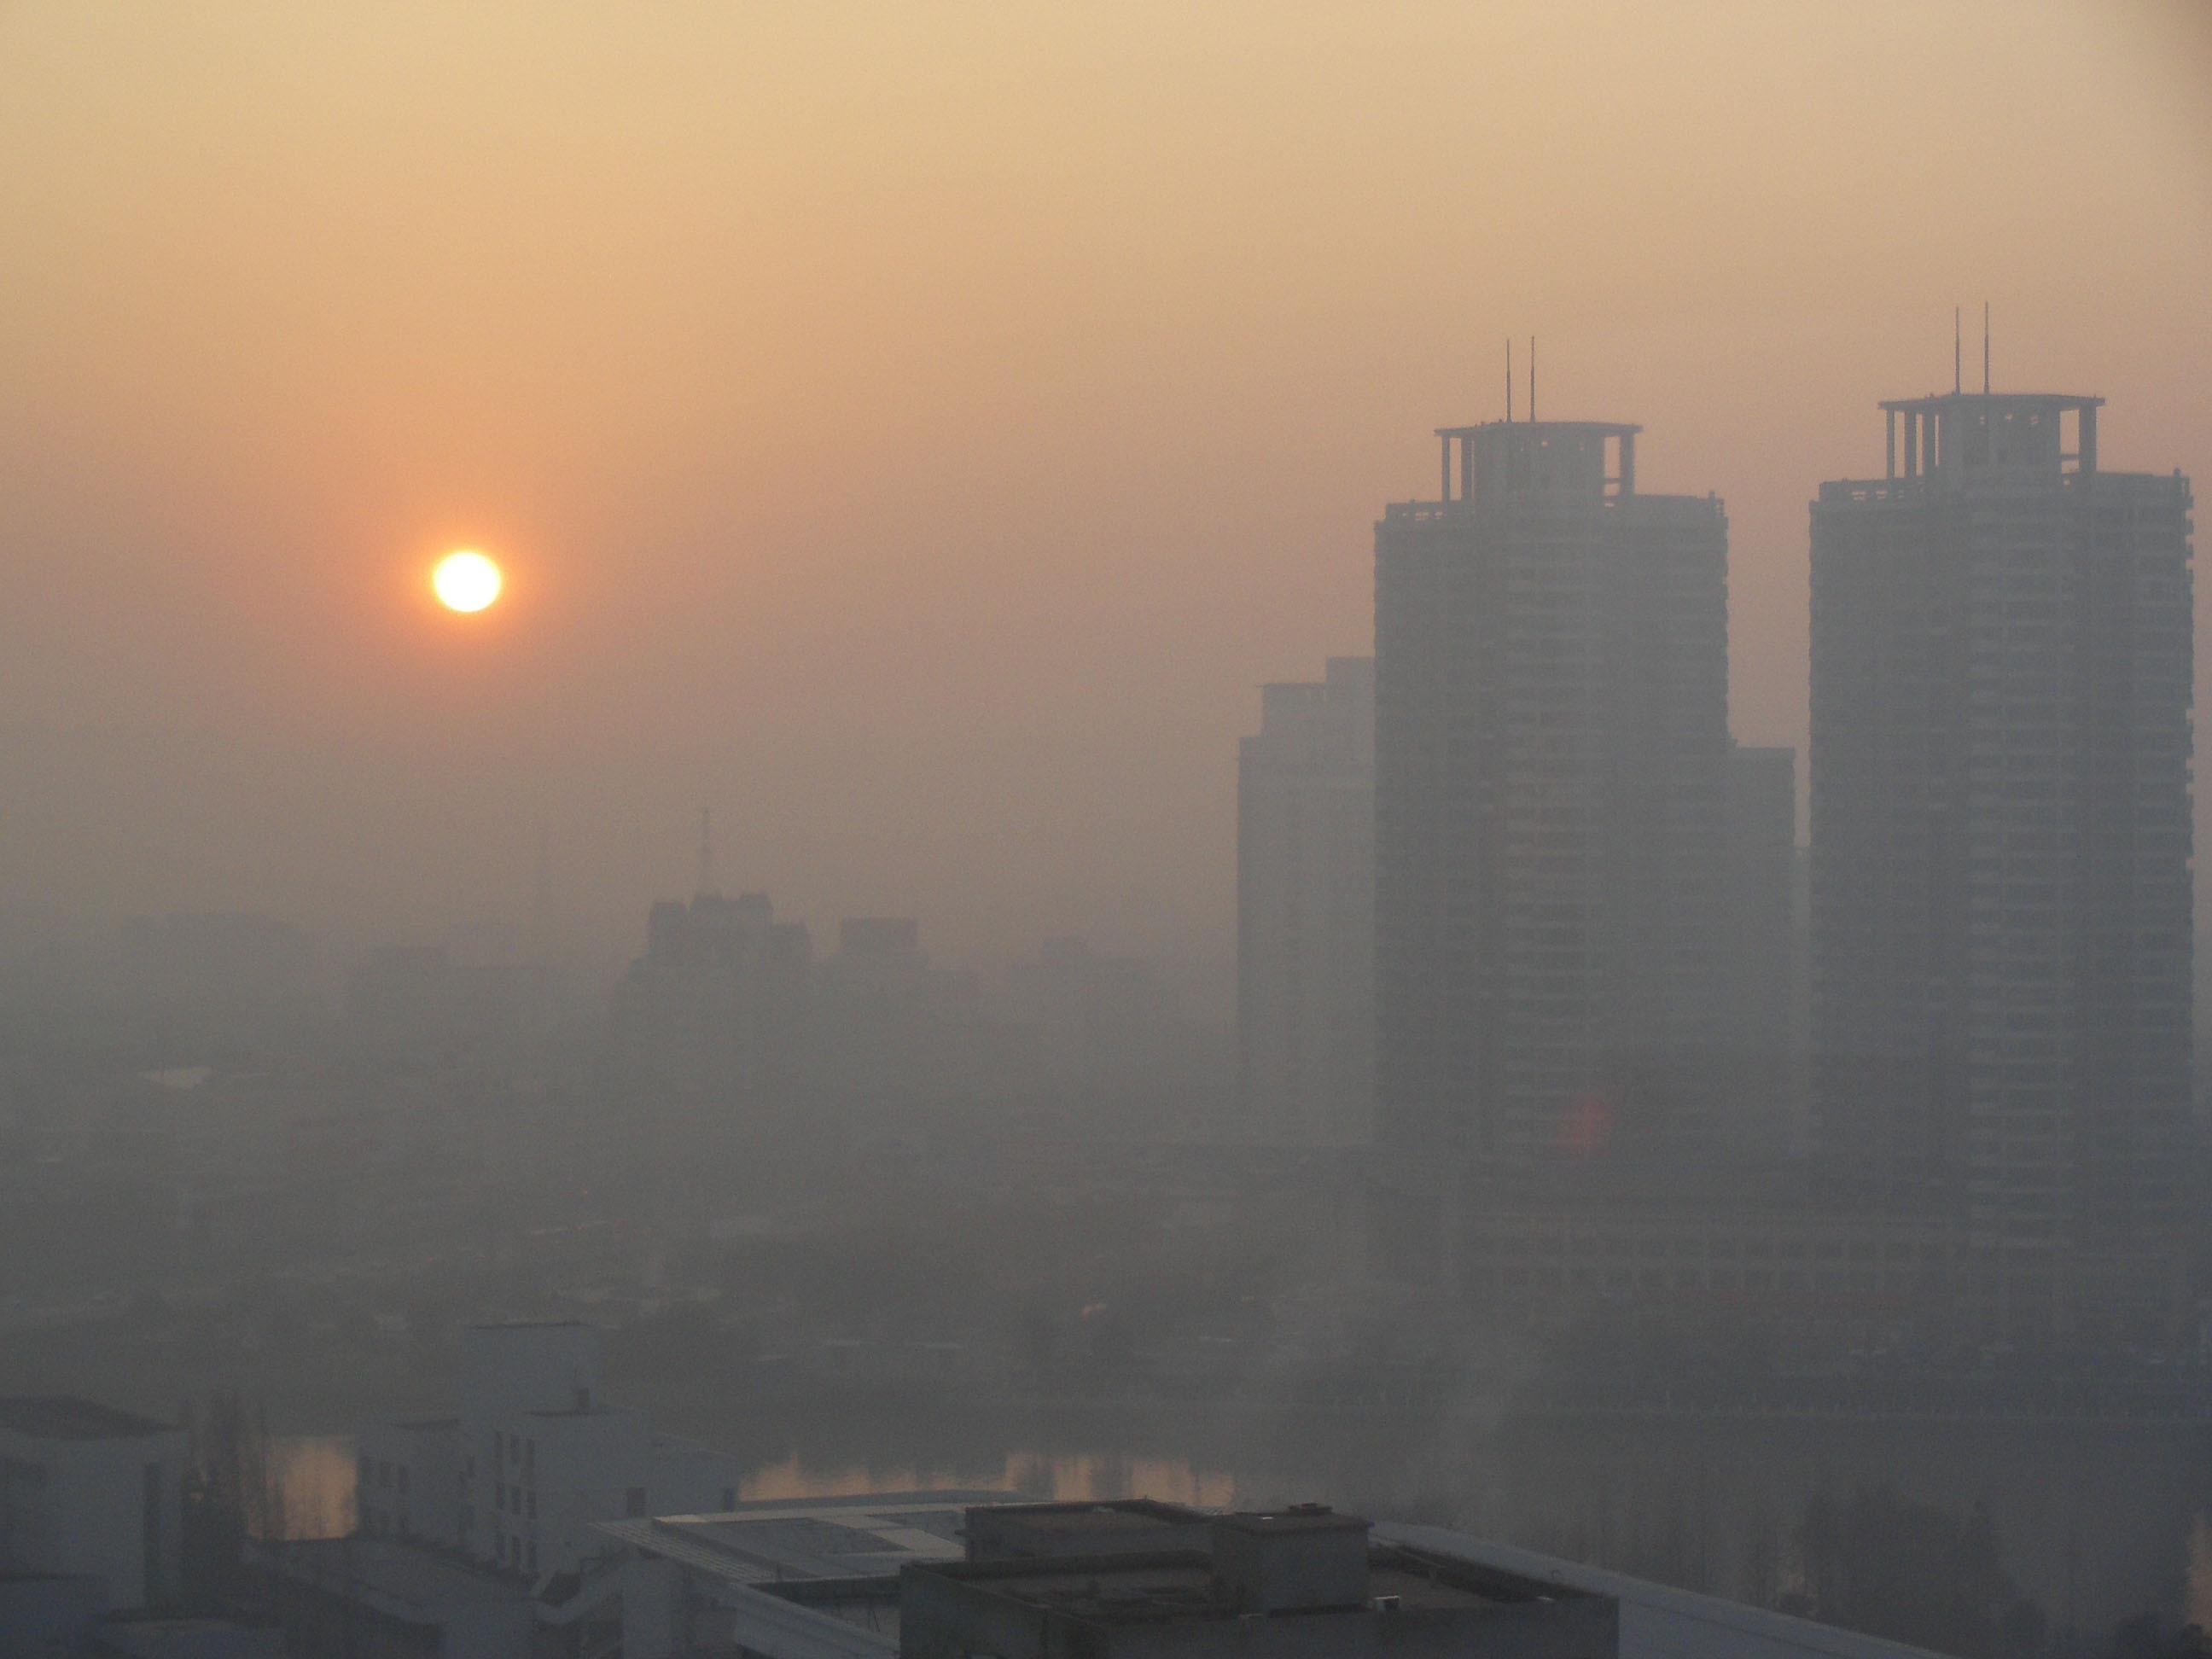 هوای تهران در آستانه اضطرار/ بحران آلودگی هوا در ۳ منطقه پایتخت